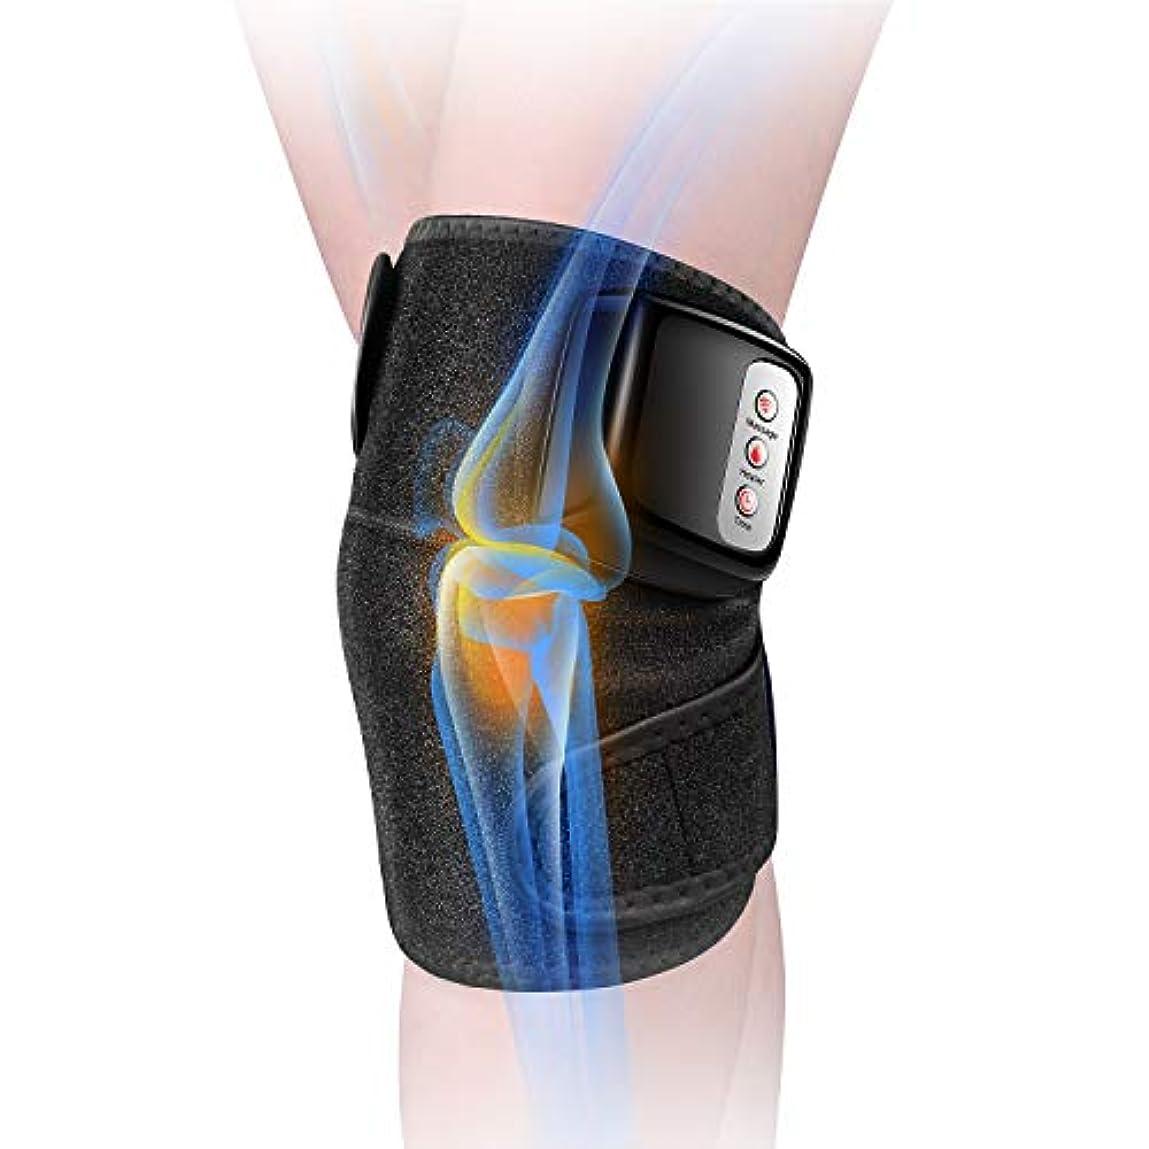 ミット技術者引き算膝マッサージャー 関節マッサージャー マッサージ器 フットマッサージャー 振動 赤外線療法 温熱療法 膝サポーター ストレス解消 肩 太もも/腕対応